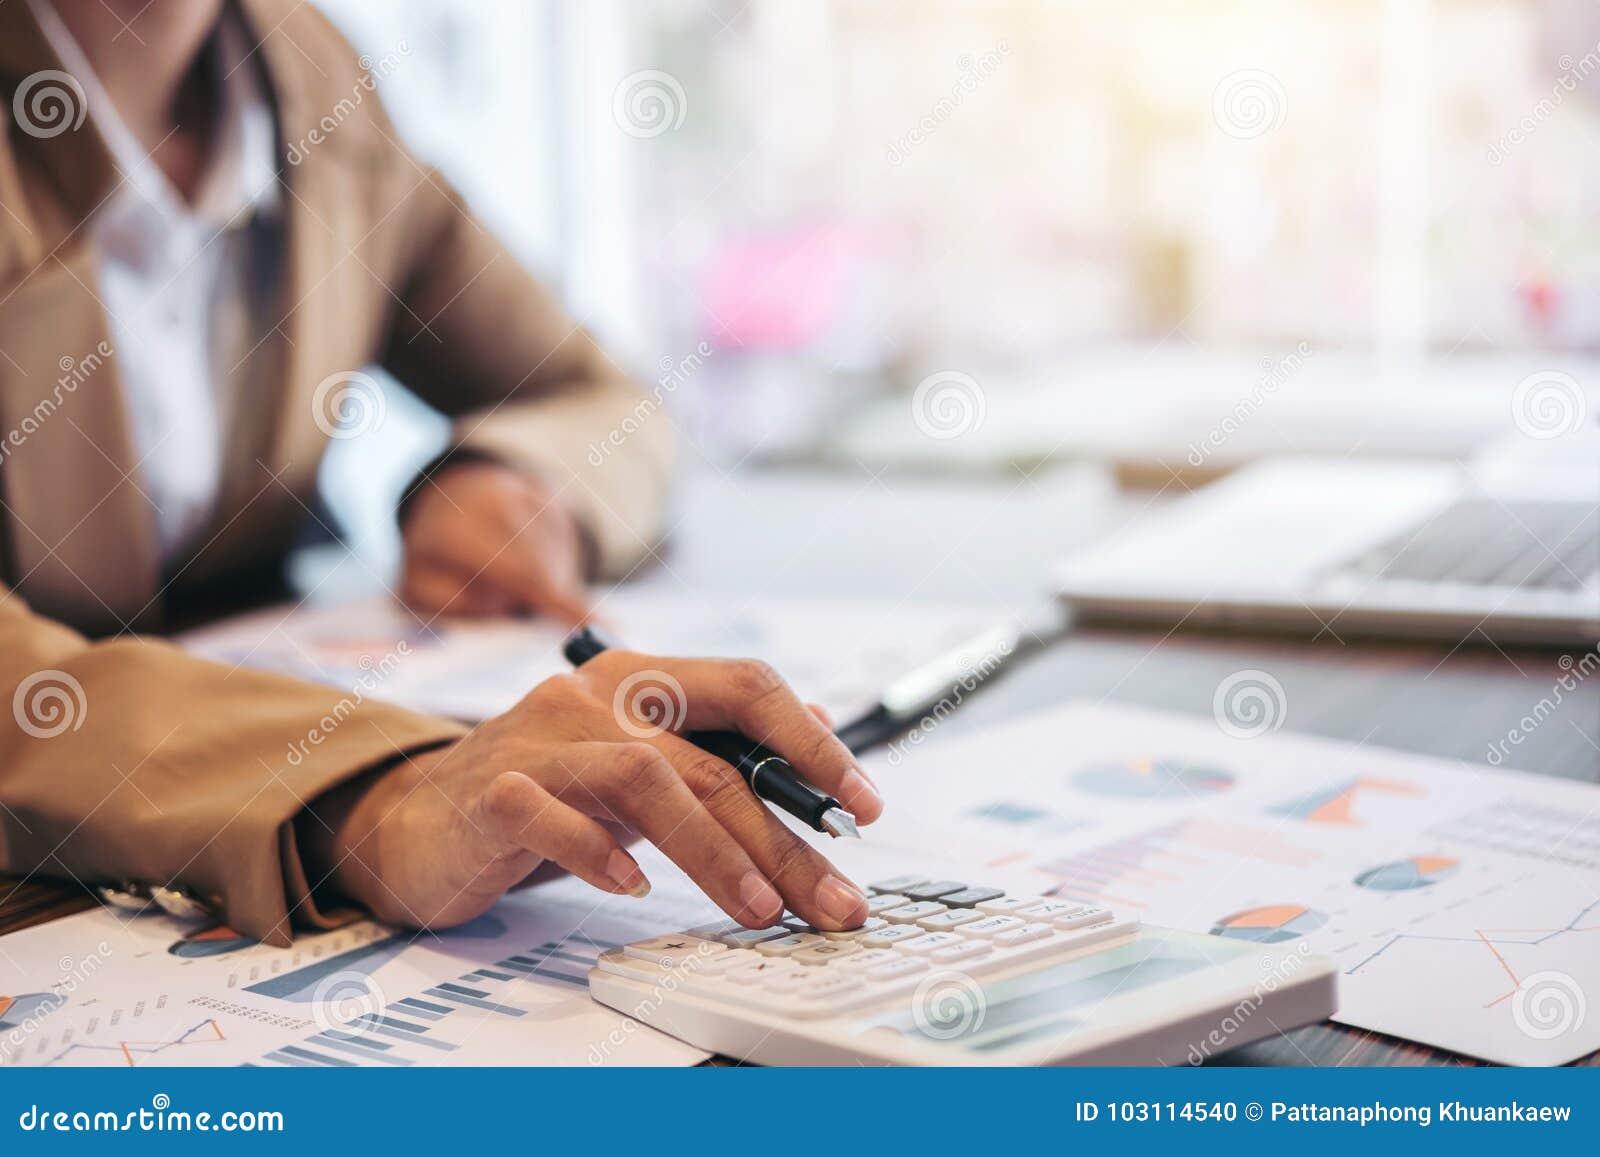 Τραπεζική έννοια λογιστικής επιχειρησιακής χρηματοδότησης, doi επιχειρηματιών